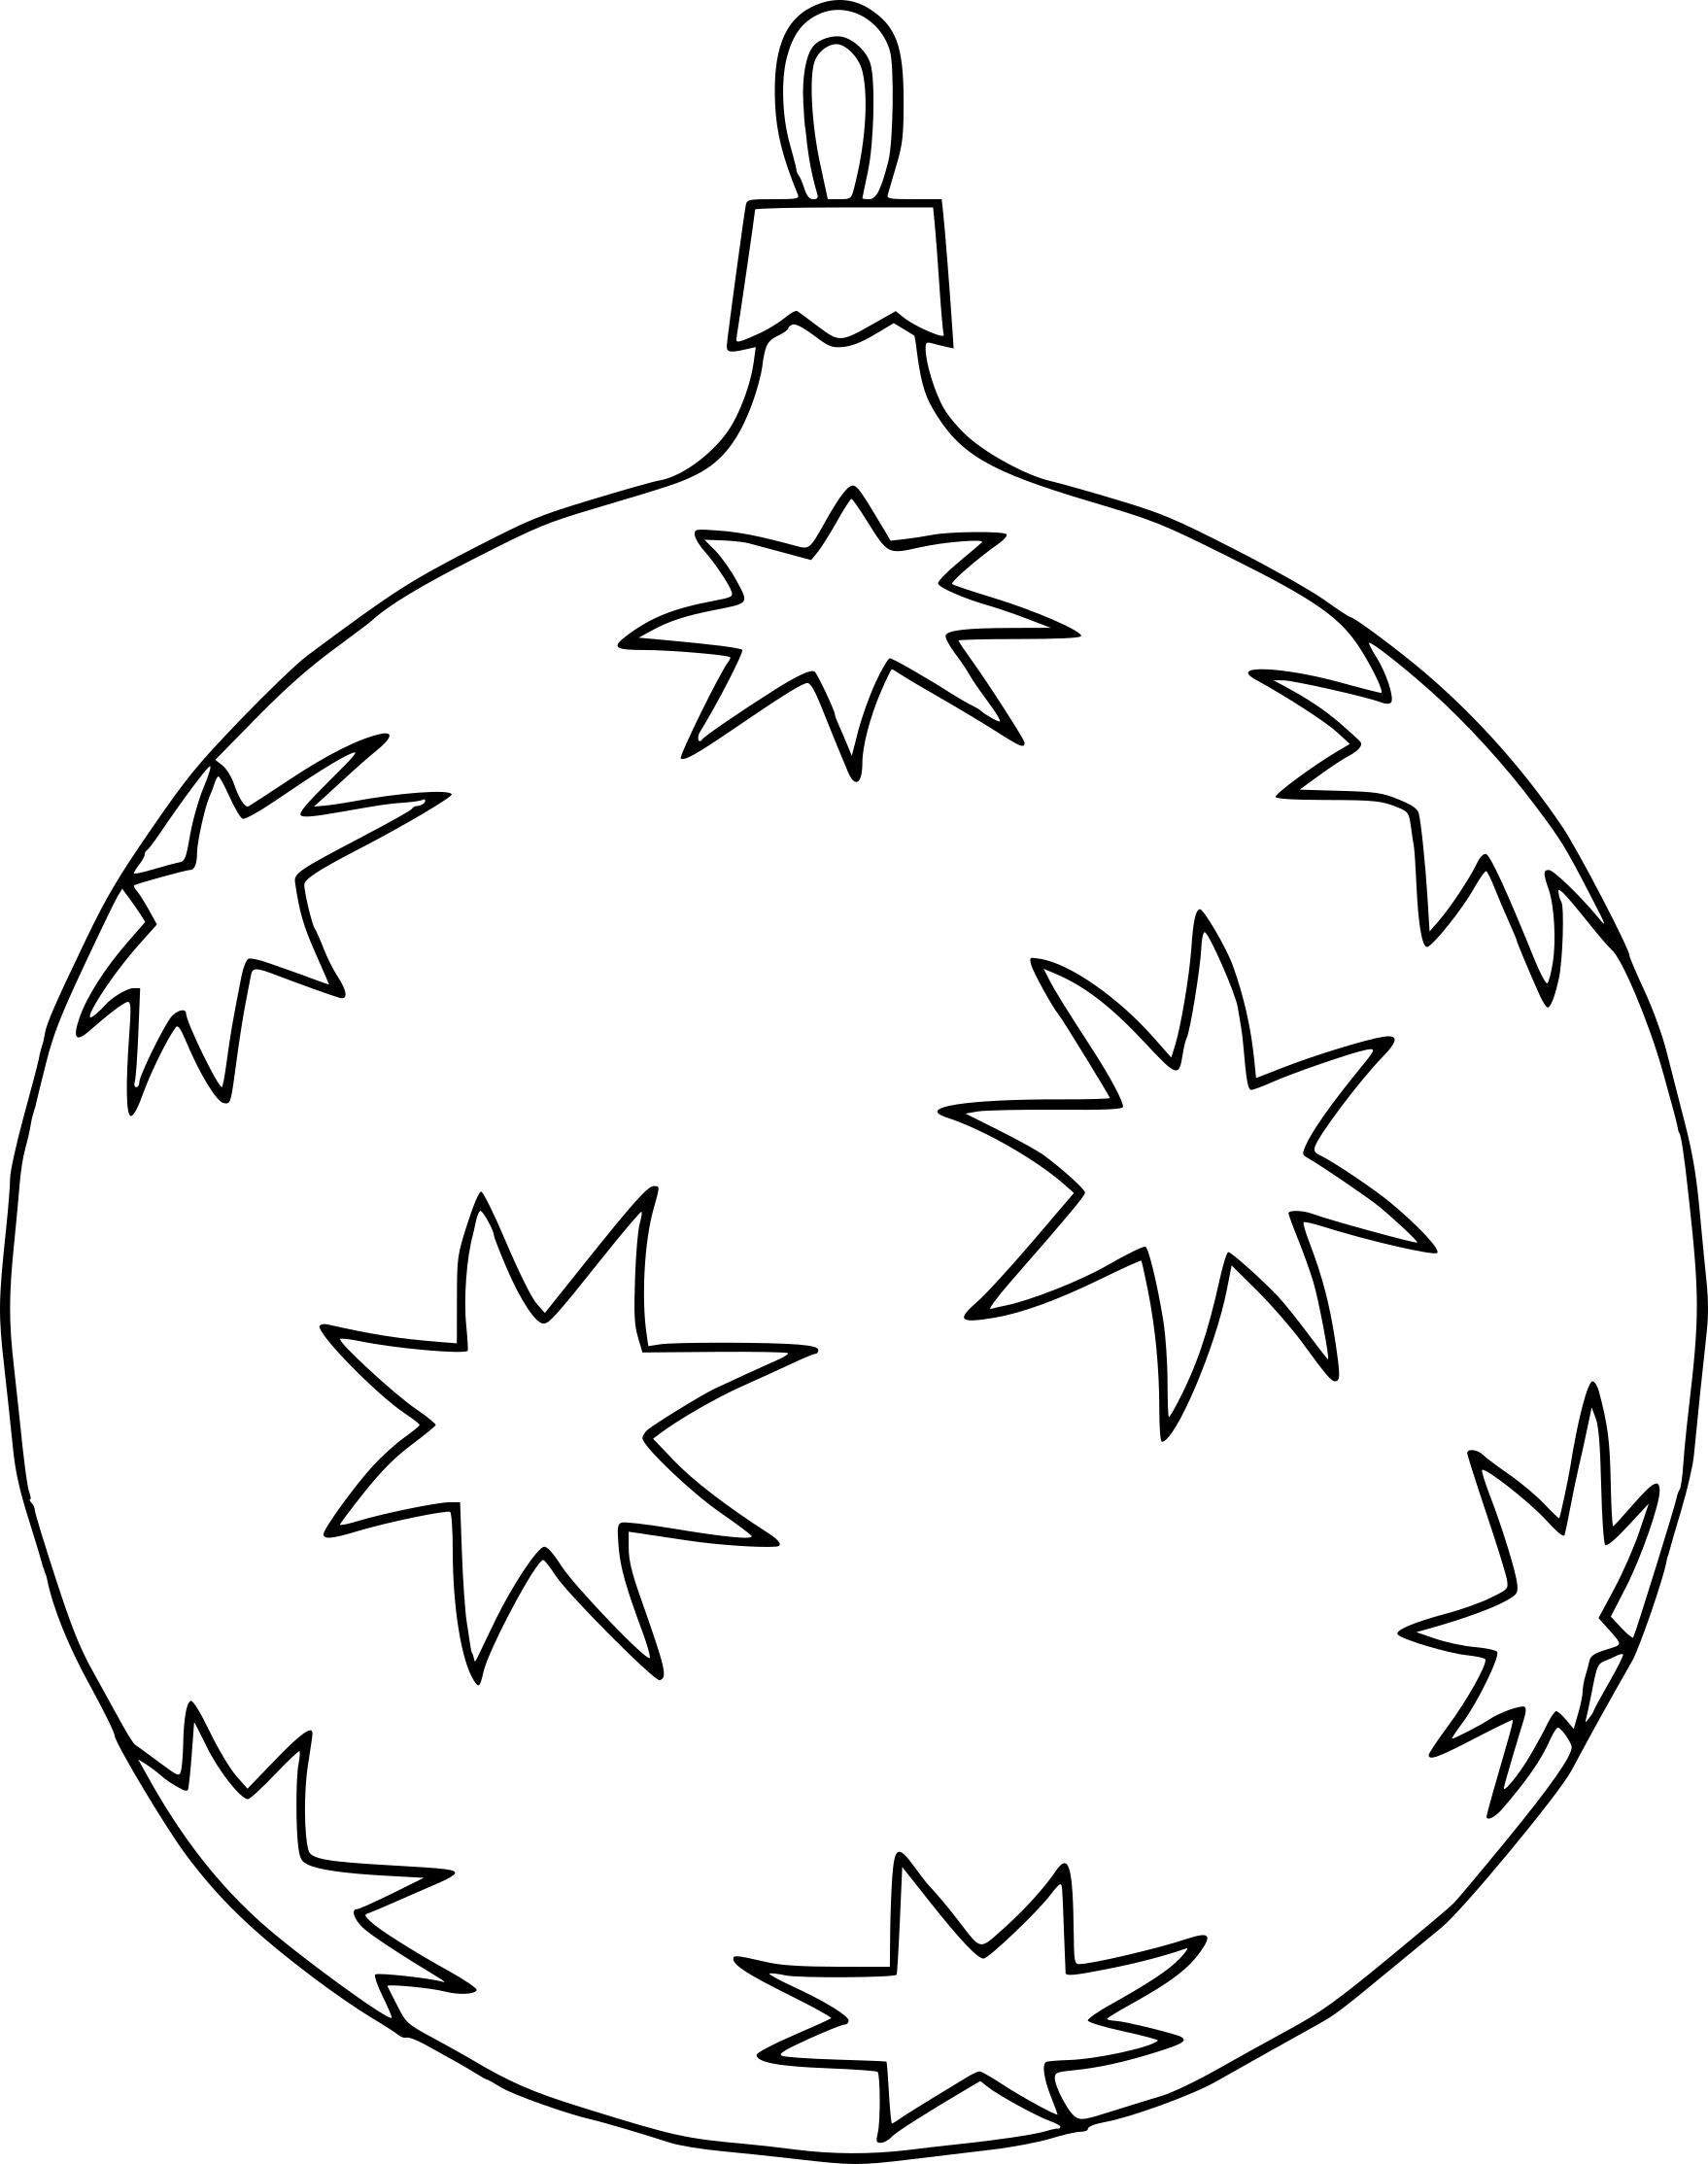 Coloriage Boule Sapin De Noël À Imprimer pour Coloriage De Sapin De Noel A Imprimer Gratuit